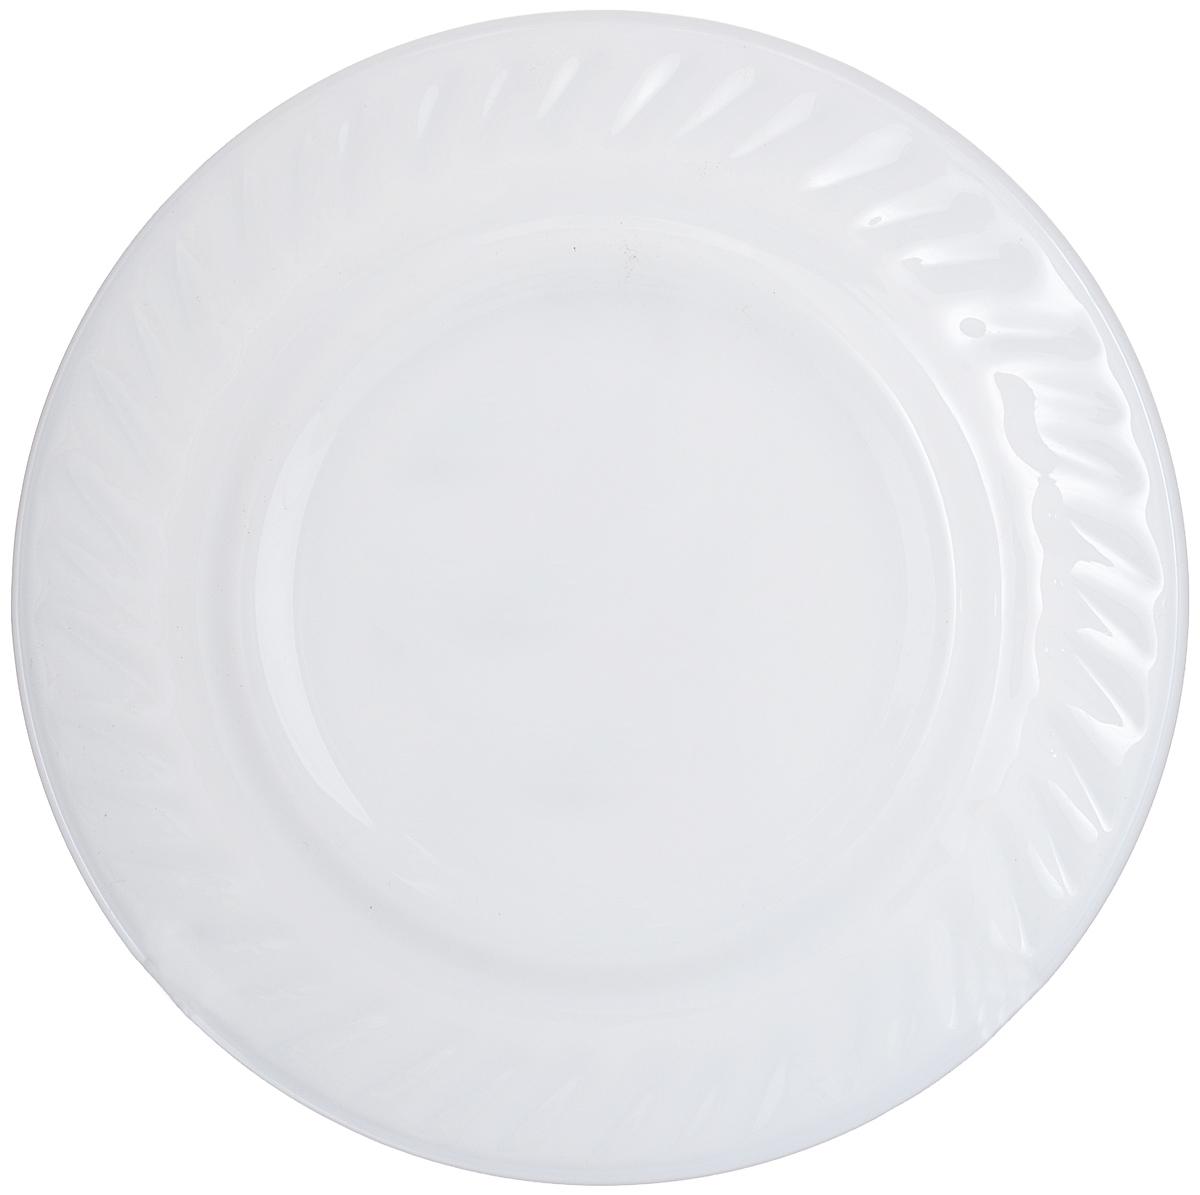 Тарелка House & Holder, цвет: белый, диаметр 17,8 см. HSP70HSP70Круглая тарелка House & Holder изготовлена из высококачественного стекла. Такая тарелка украсит сервировку вашего стола и подчеркнет прекрасный вкус хозяина, а также станет отличным подарком. Диаметр: 17,8 см. Высота: 3 см.